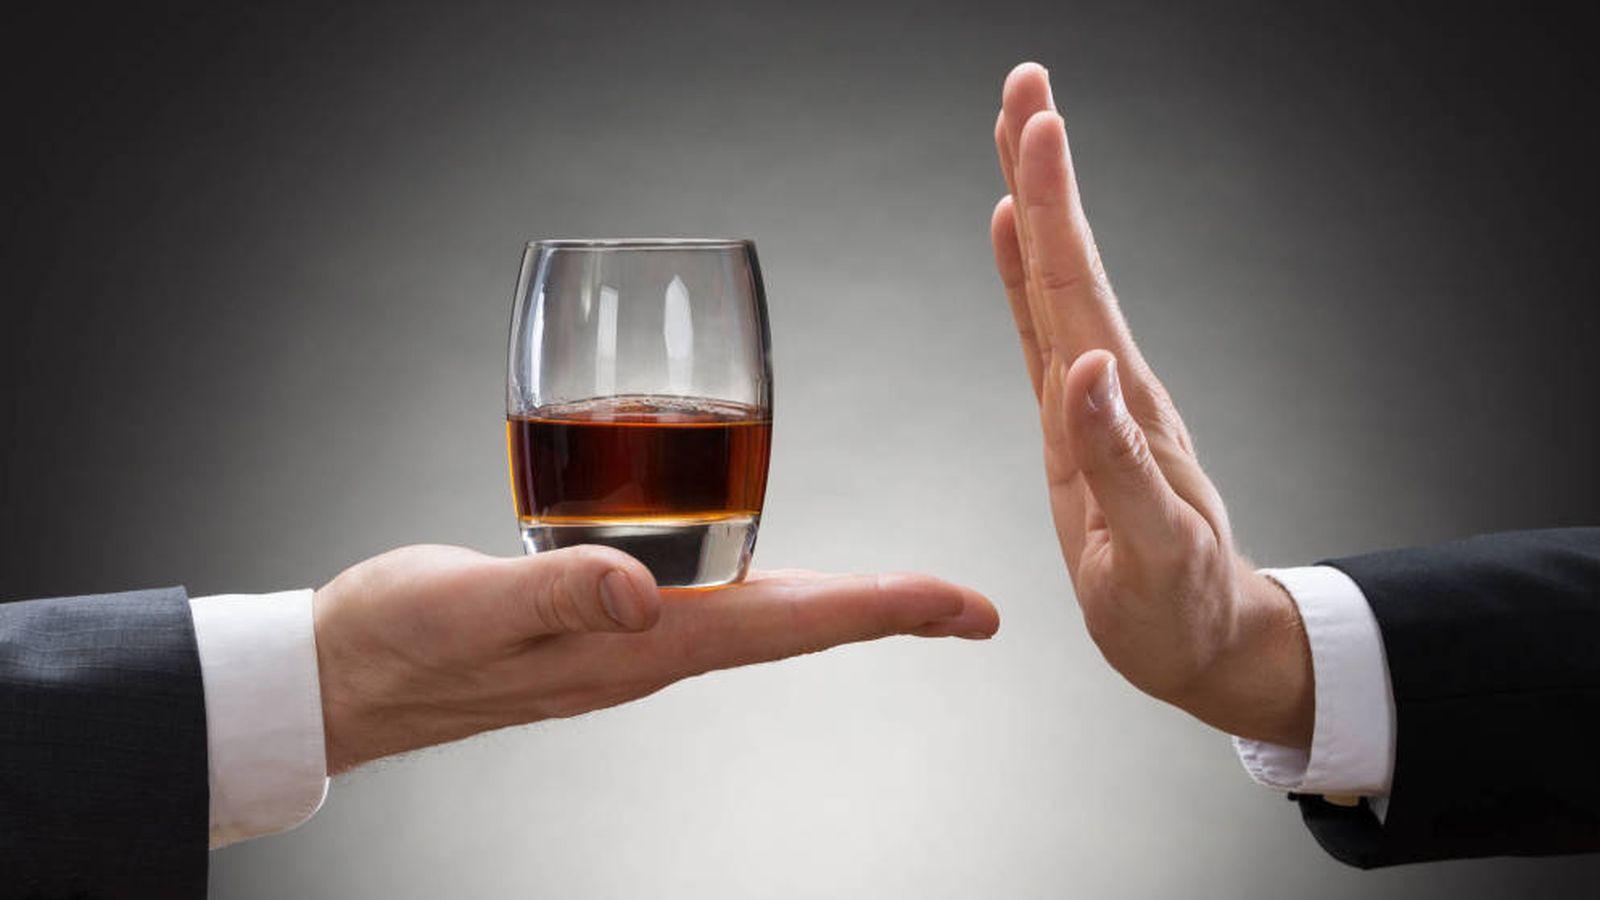 Salud: Así te afecta el alcohol a partir de los 40 años